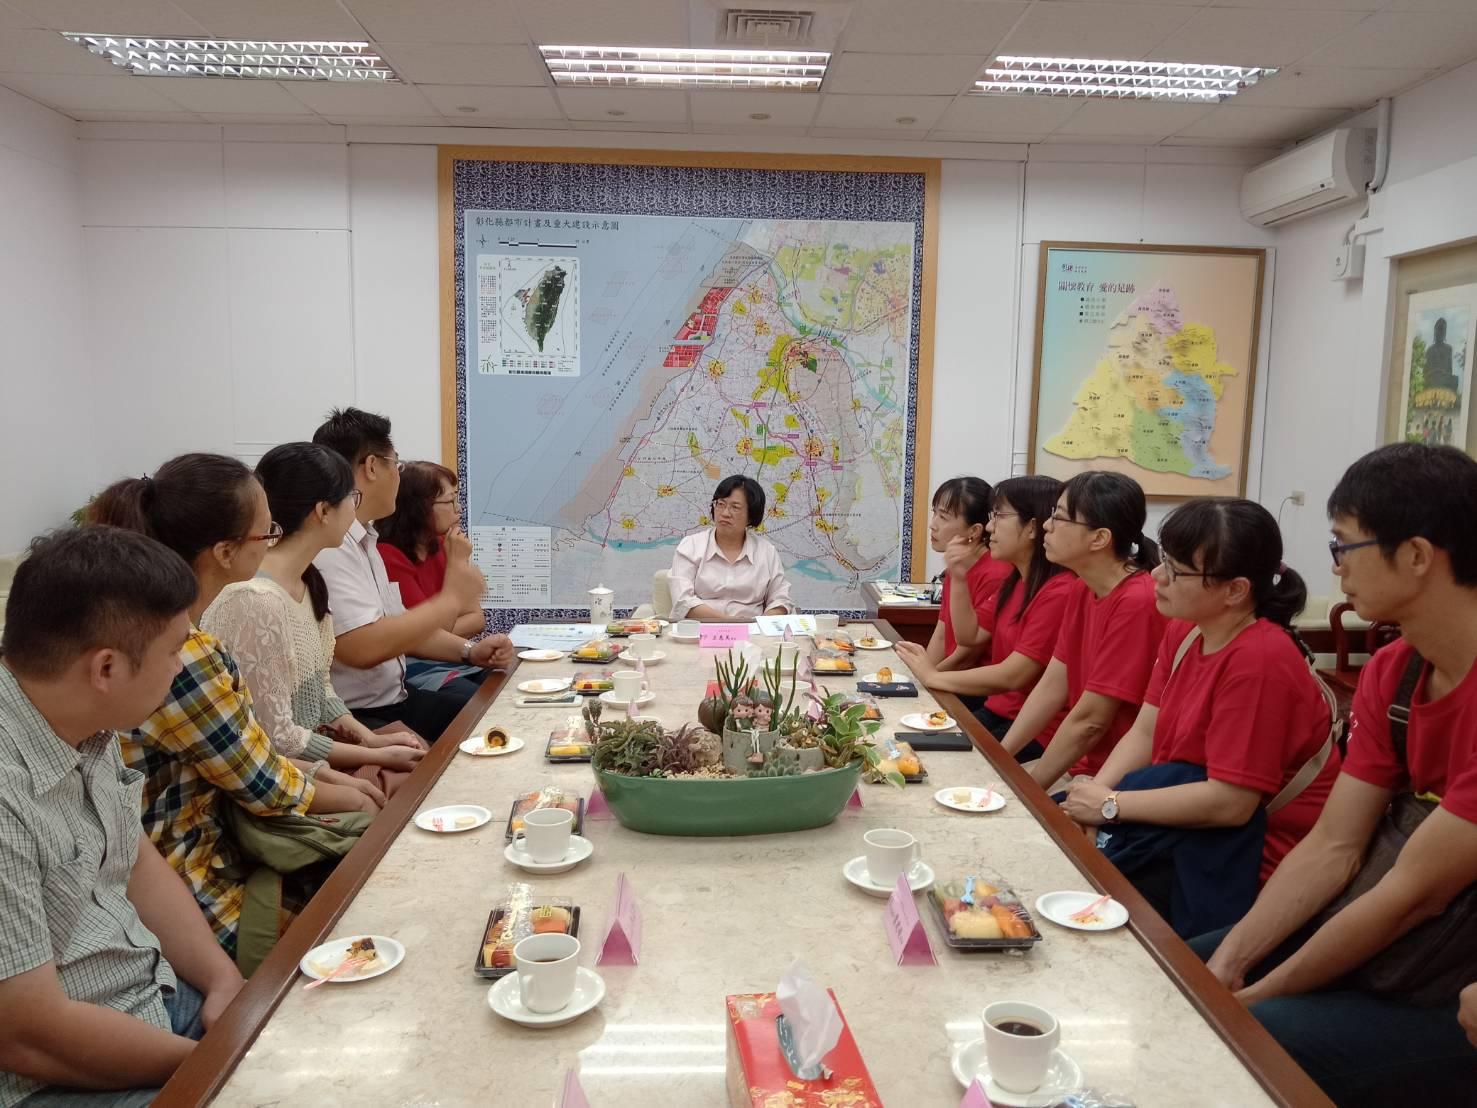 國中教學團隊減C有成-縣長教育座談會 教學策略奏效 學力提升有成